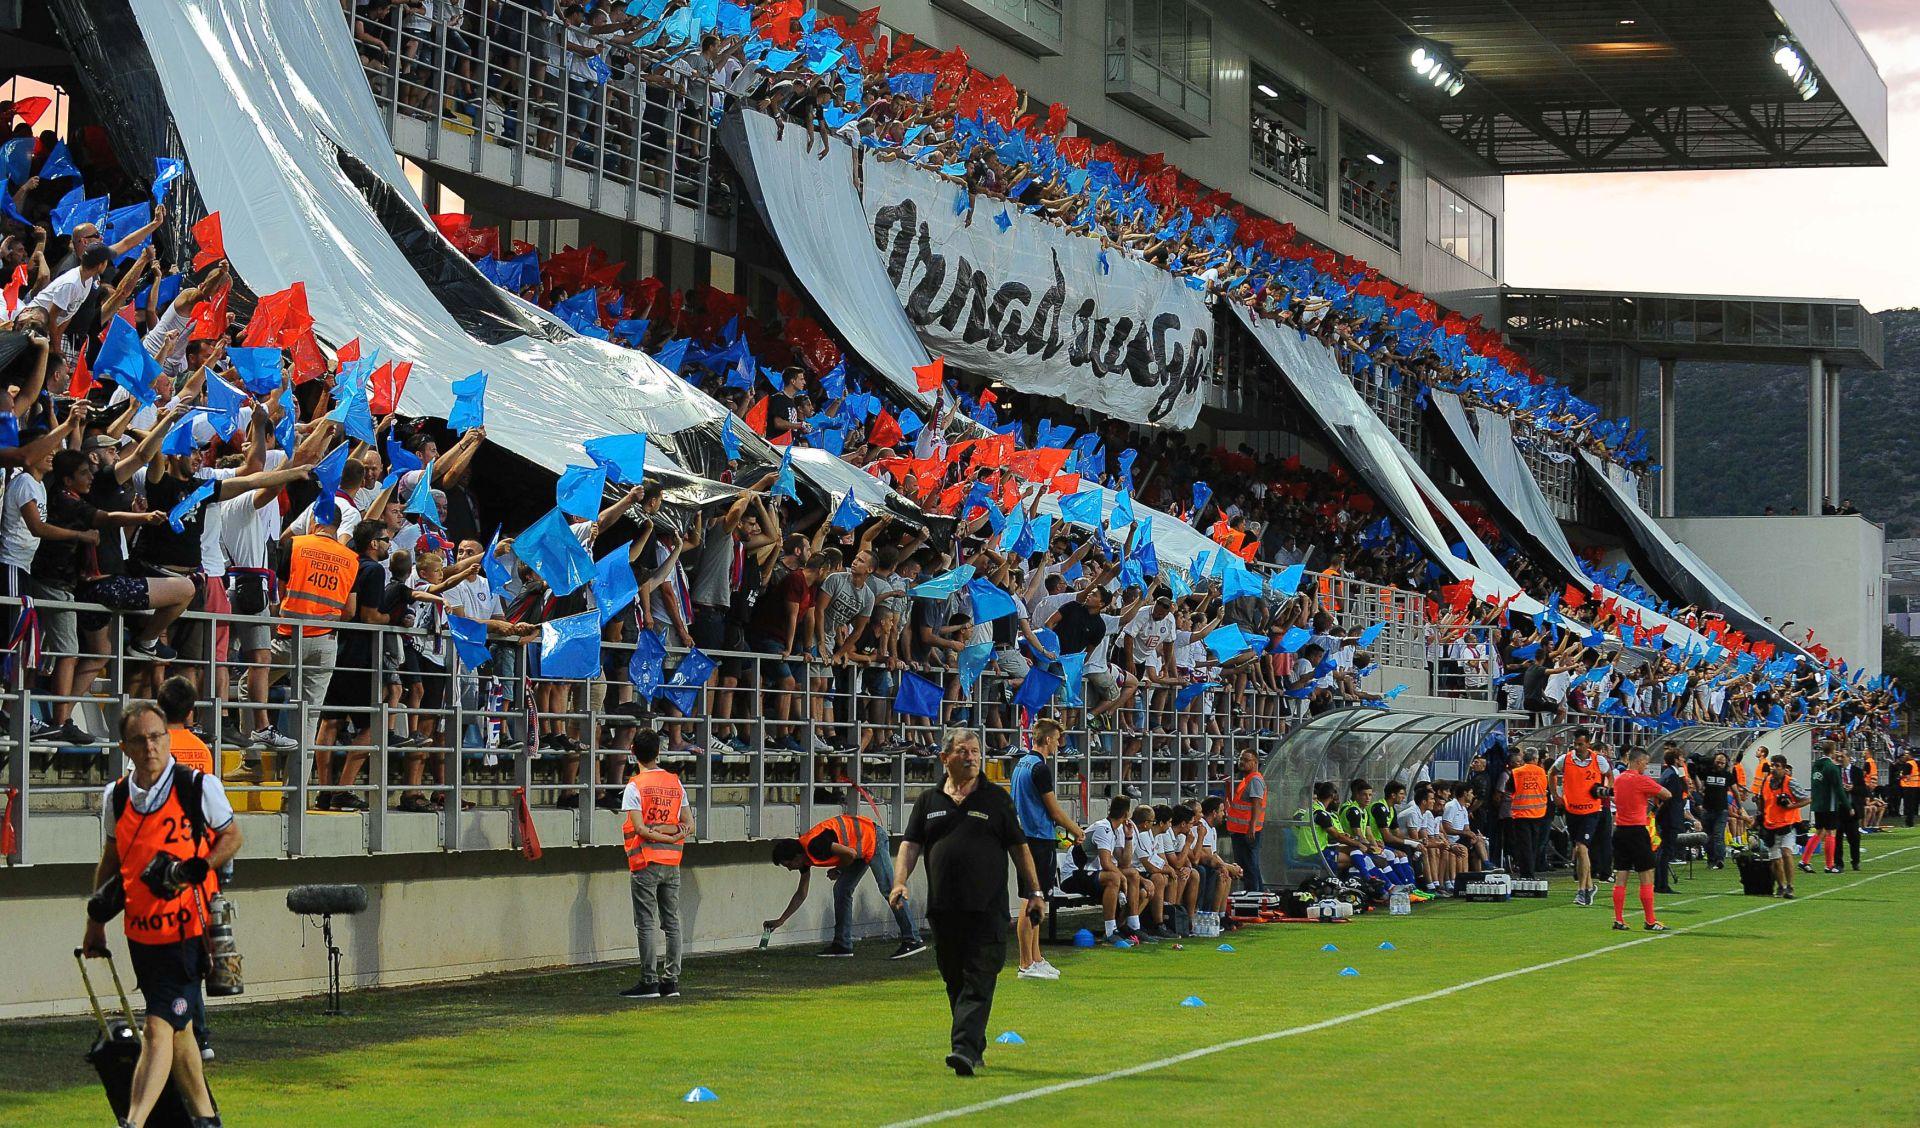 NAKON SLAVLJA – ŠOK Hajduk protiv Brondbyja bez gledatelja